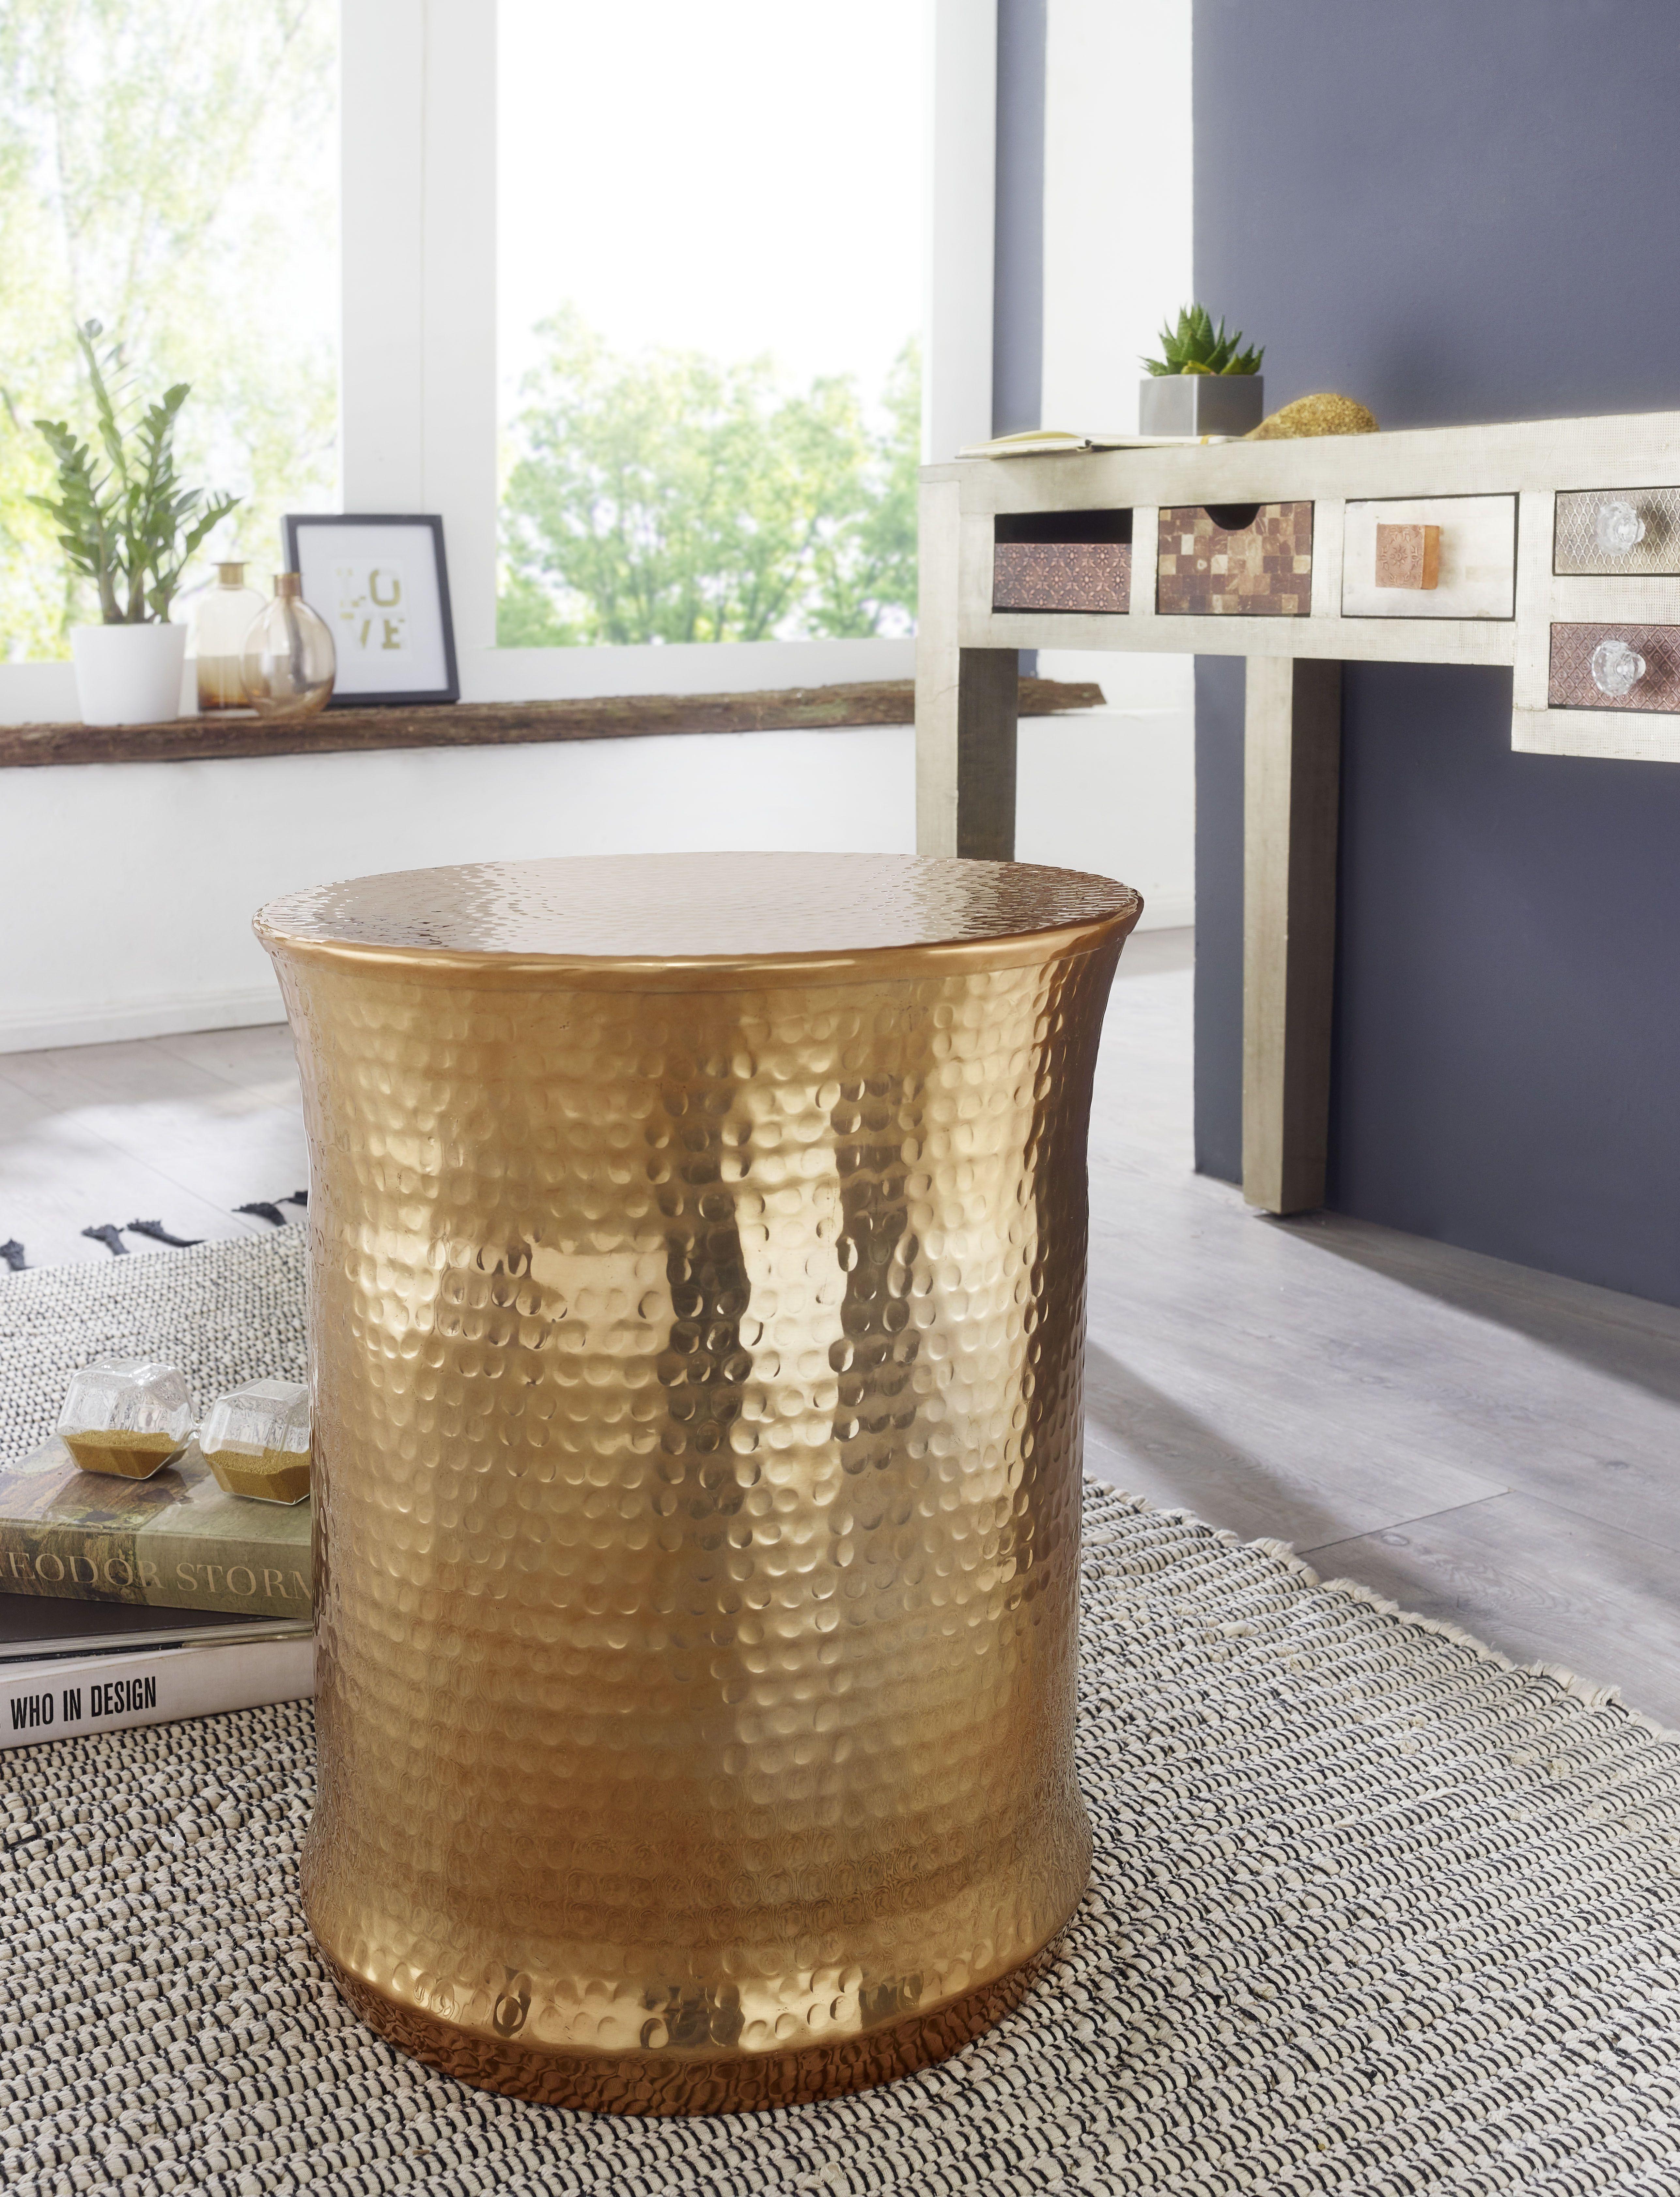 Wohnling Beistelltisch Turan Gold Wl5 489 Aus Aluminium Gold Metall Wohnidee Dekoration Ablage Wohnen Rund Blumenti Aluminium Blumentisch Beistelltisch